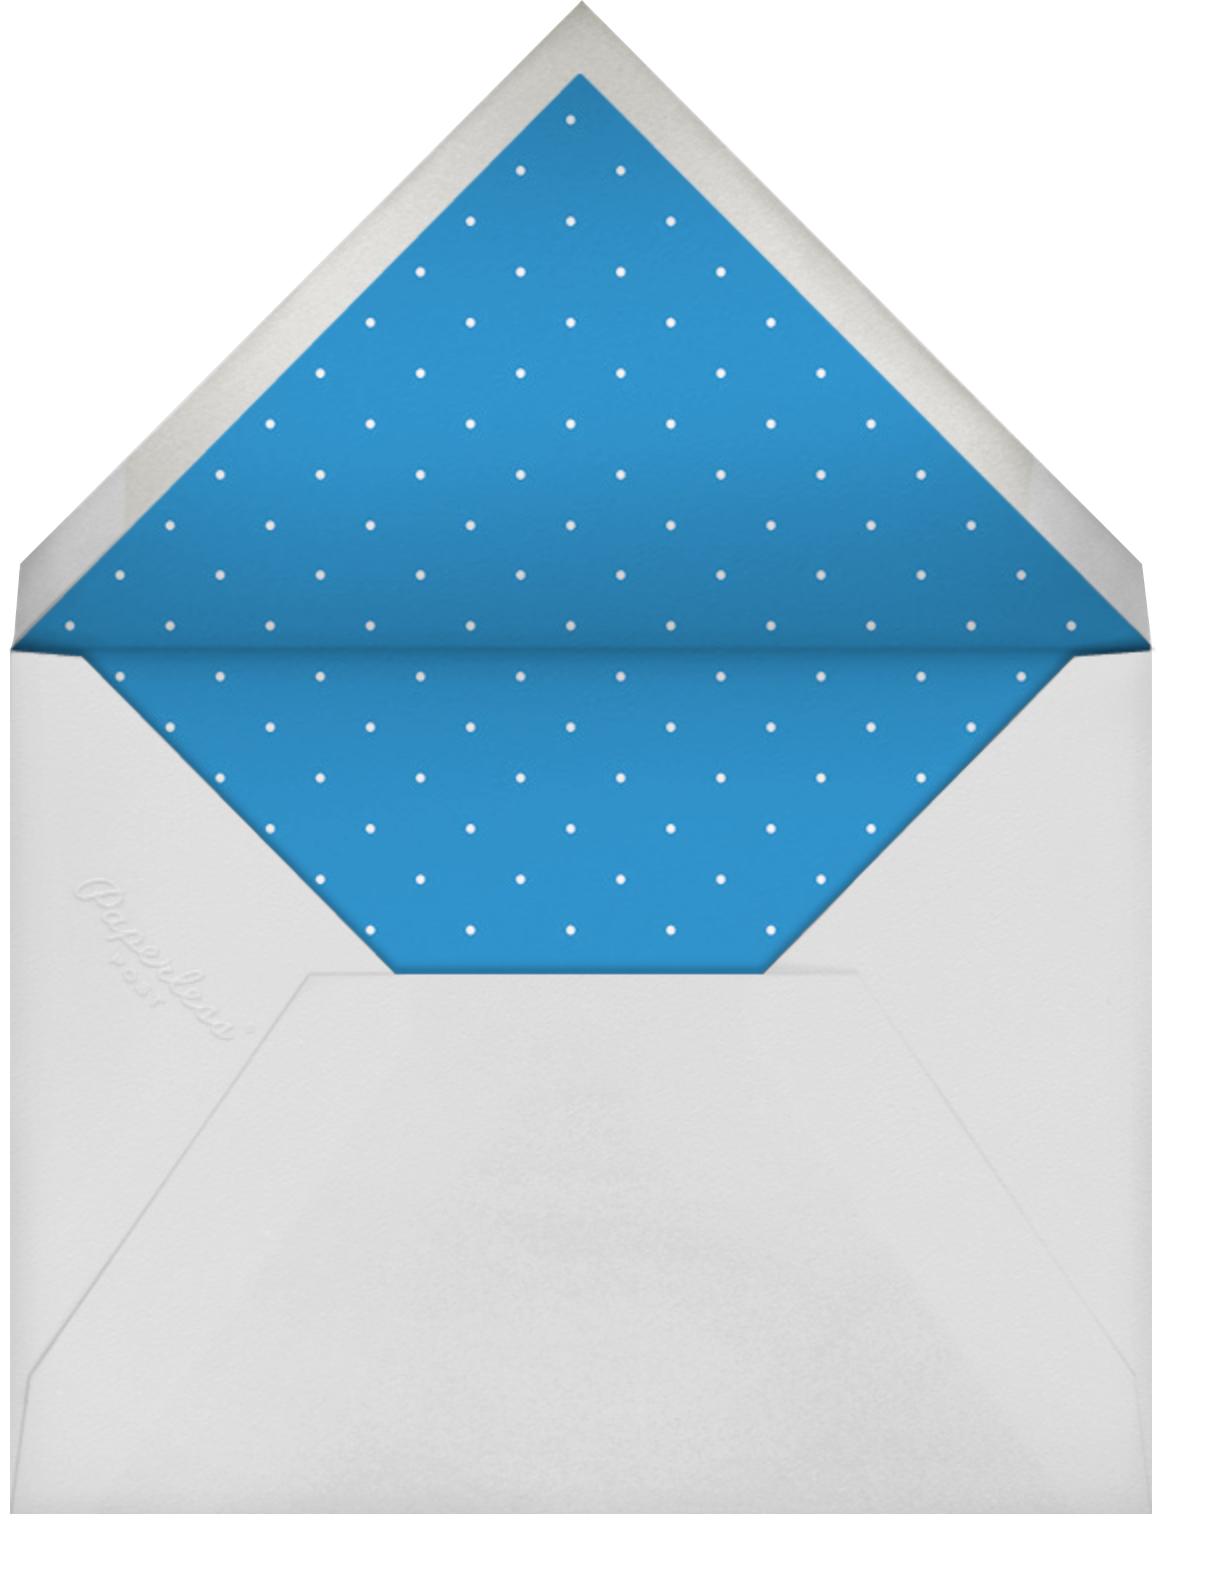 Spec in Capri - Blue - Mr. Boddington's Studio - Kids' birthday - envelope back